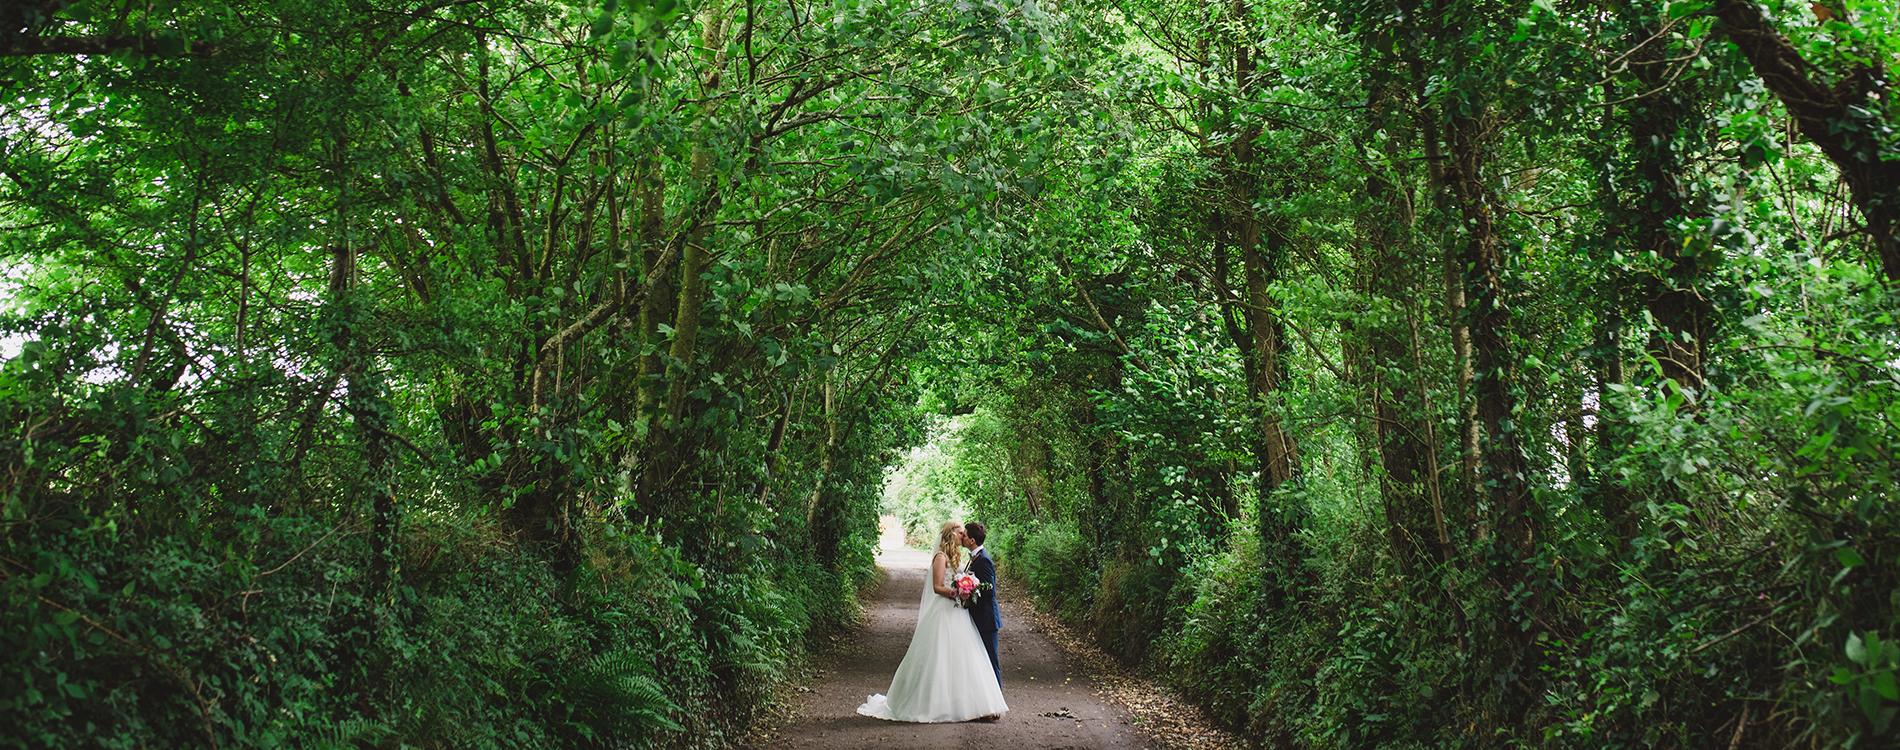 Laura-Anne & Rich Wedding Day Photographs